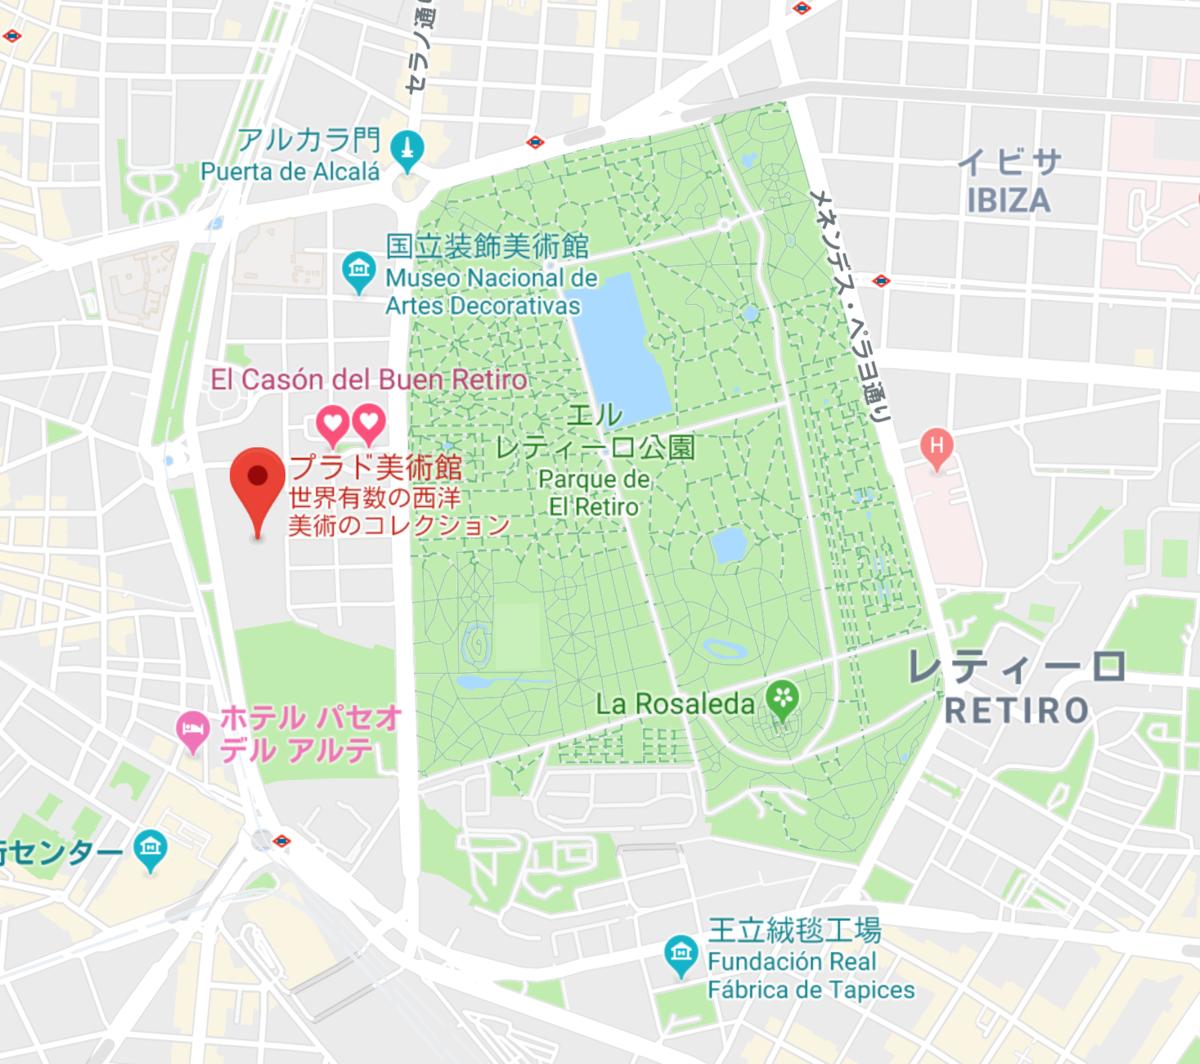 f:id:asato418:20190620210240p:plain